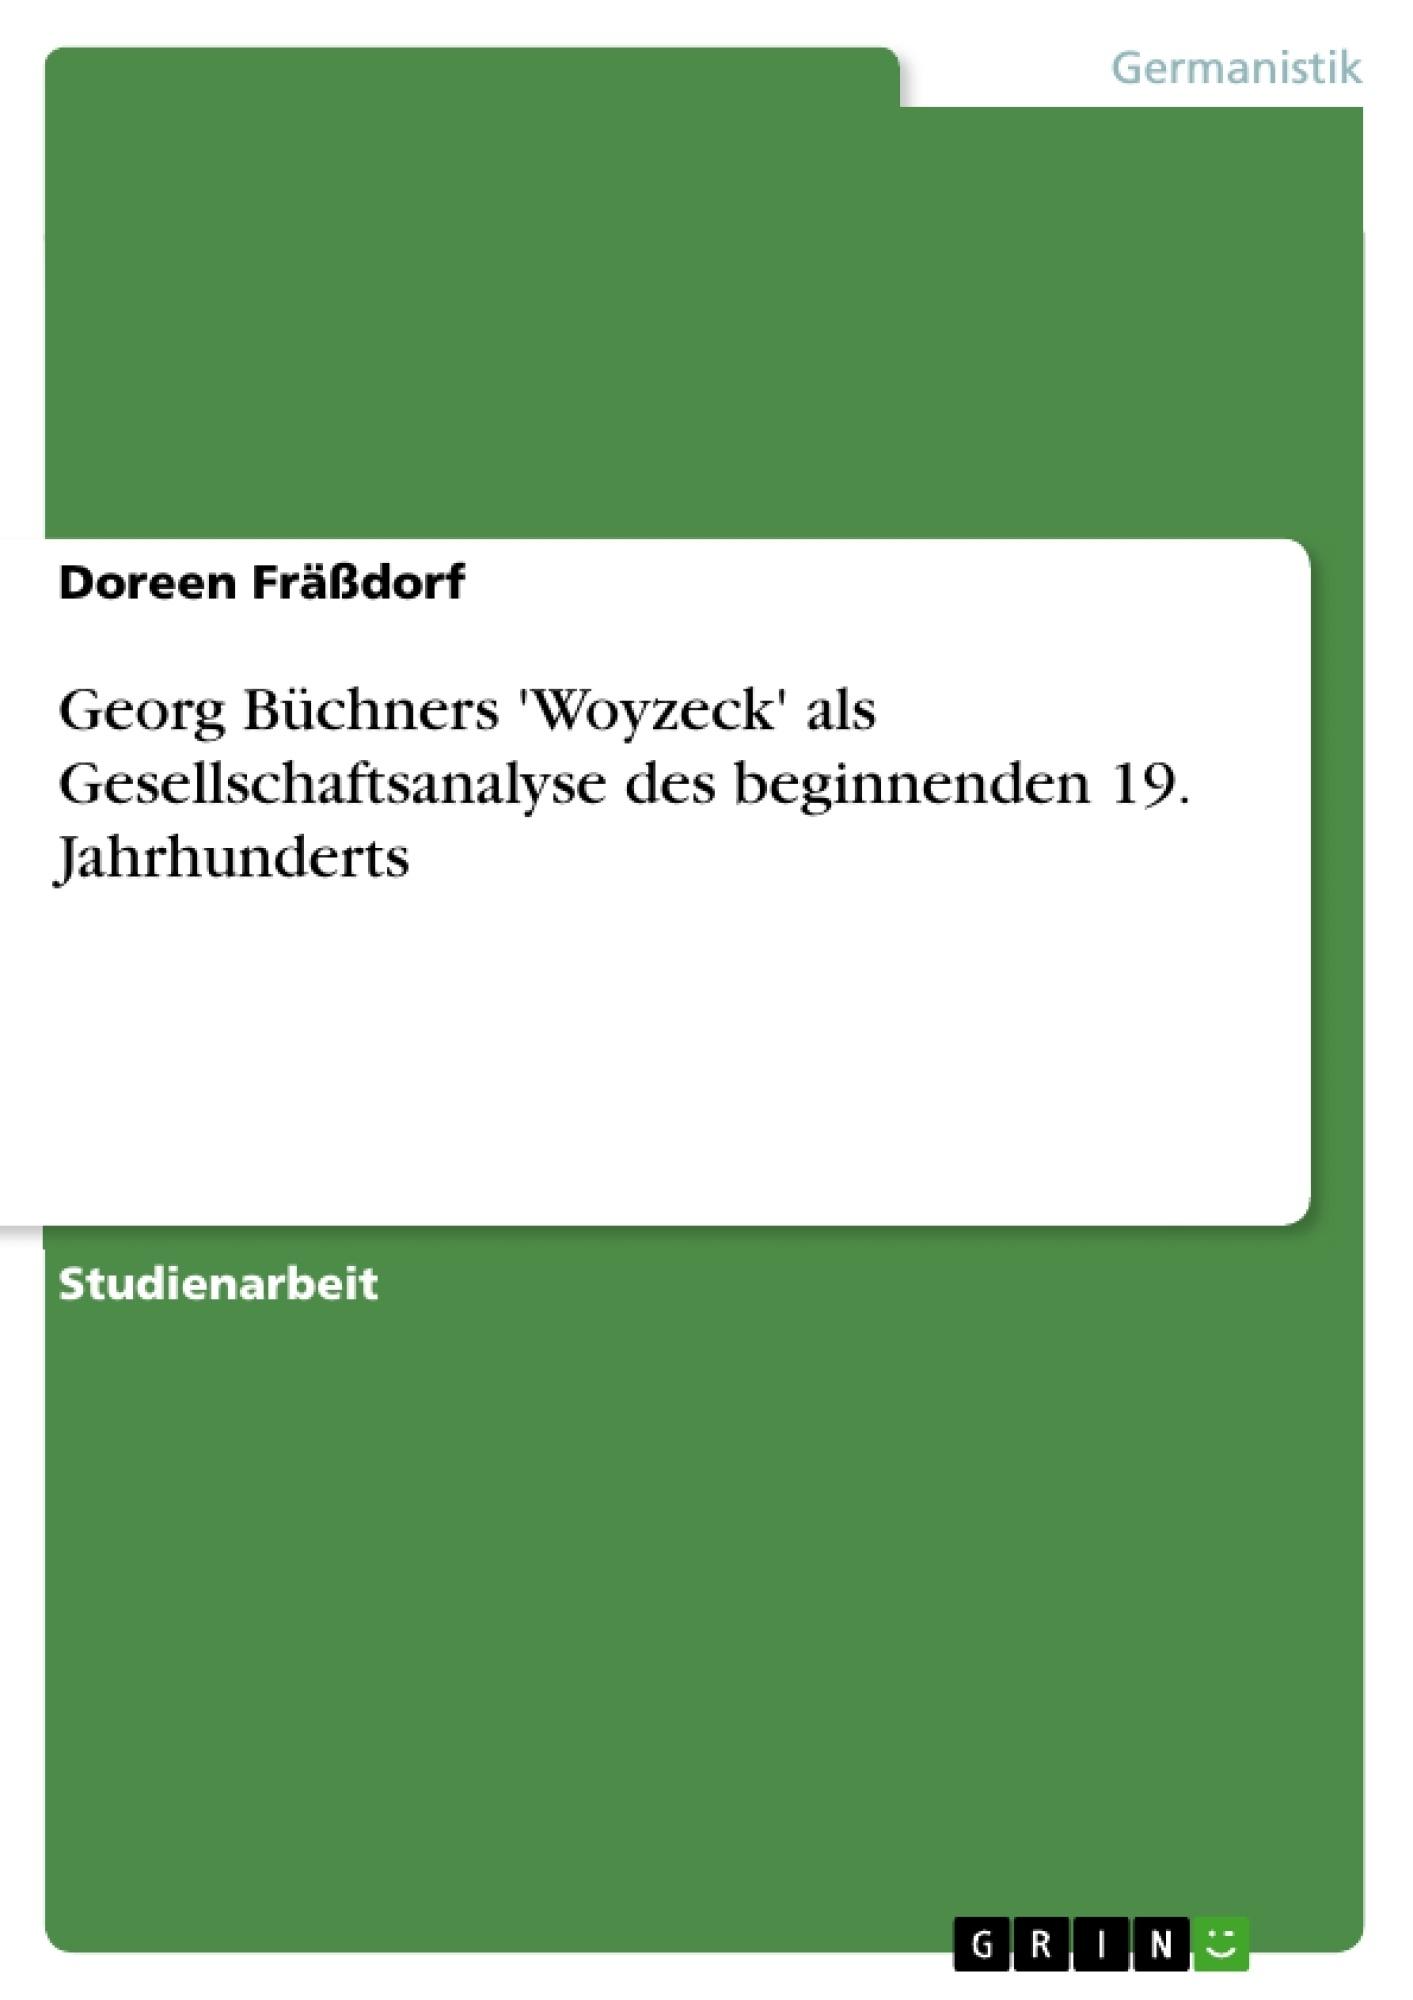 Titel: Georg Büchners 'Woyzeck' als Gesellschaftsanalyse des beginnenden 19. Jahrhunderts